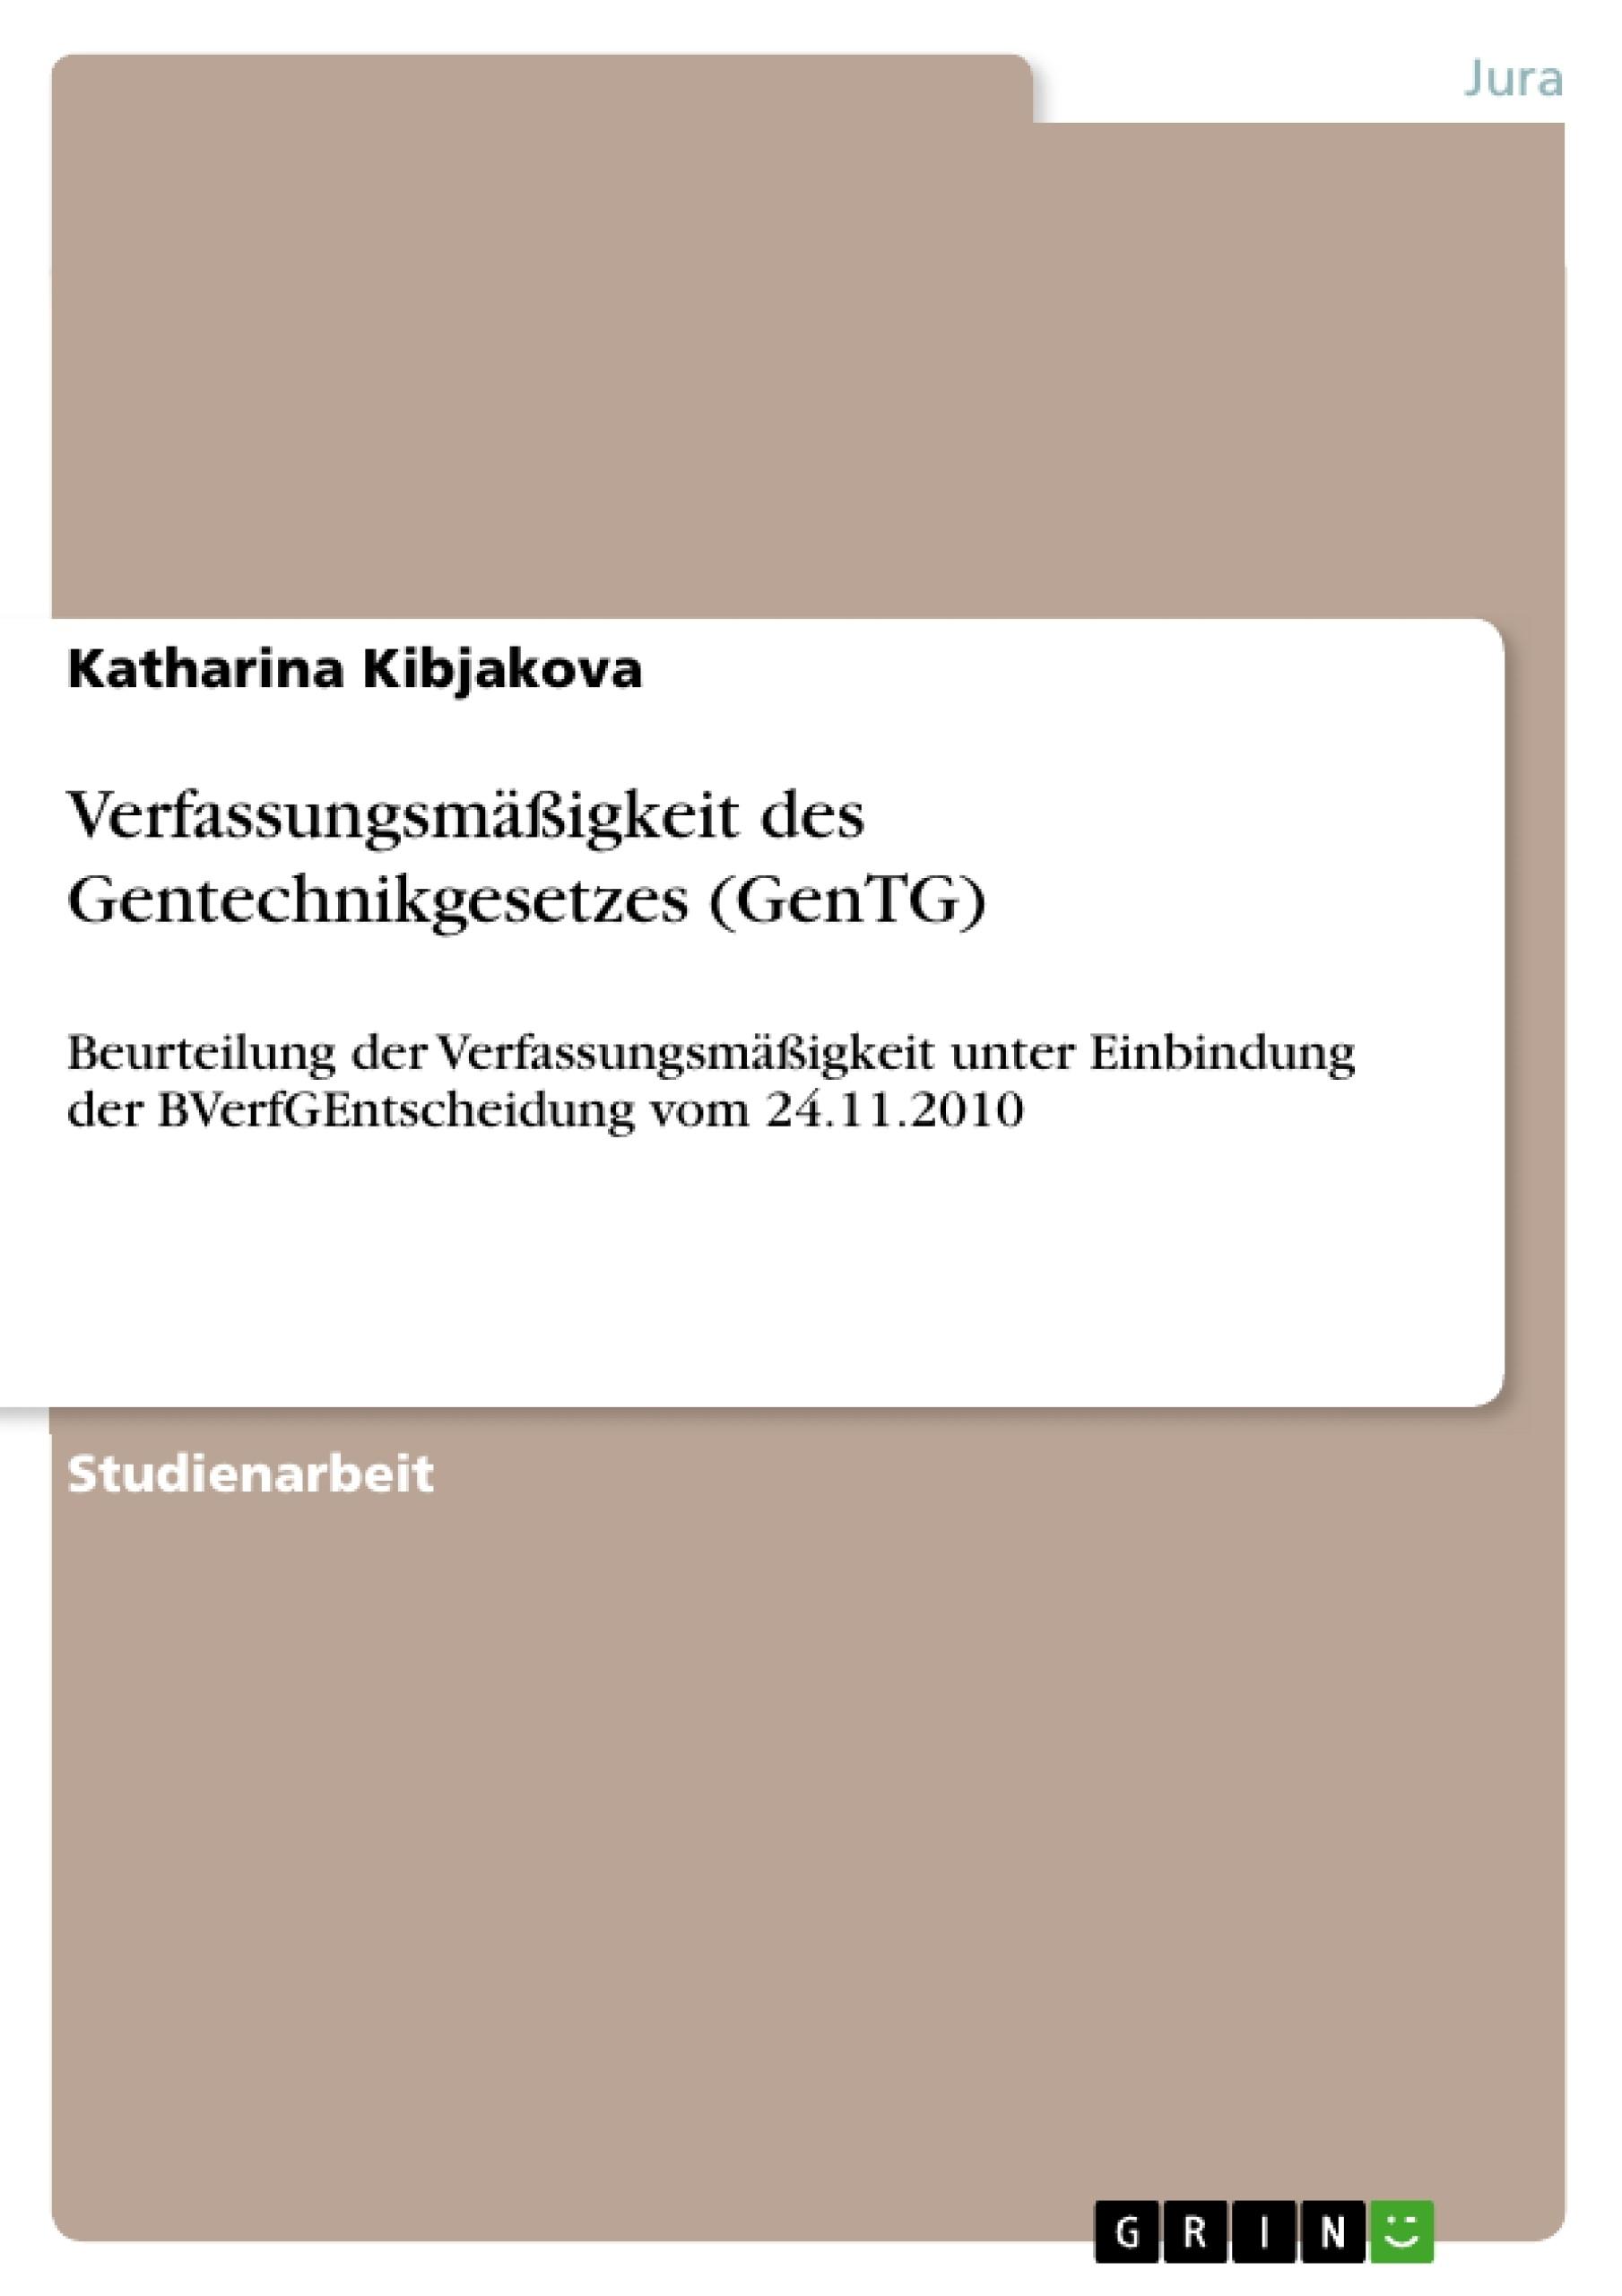 Titel: Verfassungsmäßigkeit des Gentechnikgesetzes (GenTG)